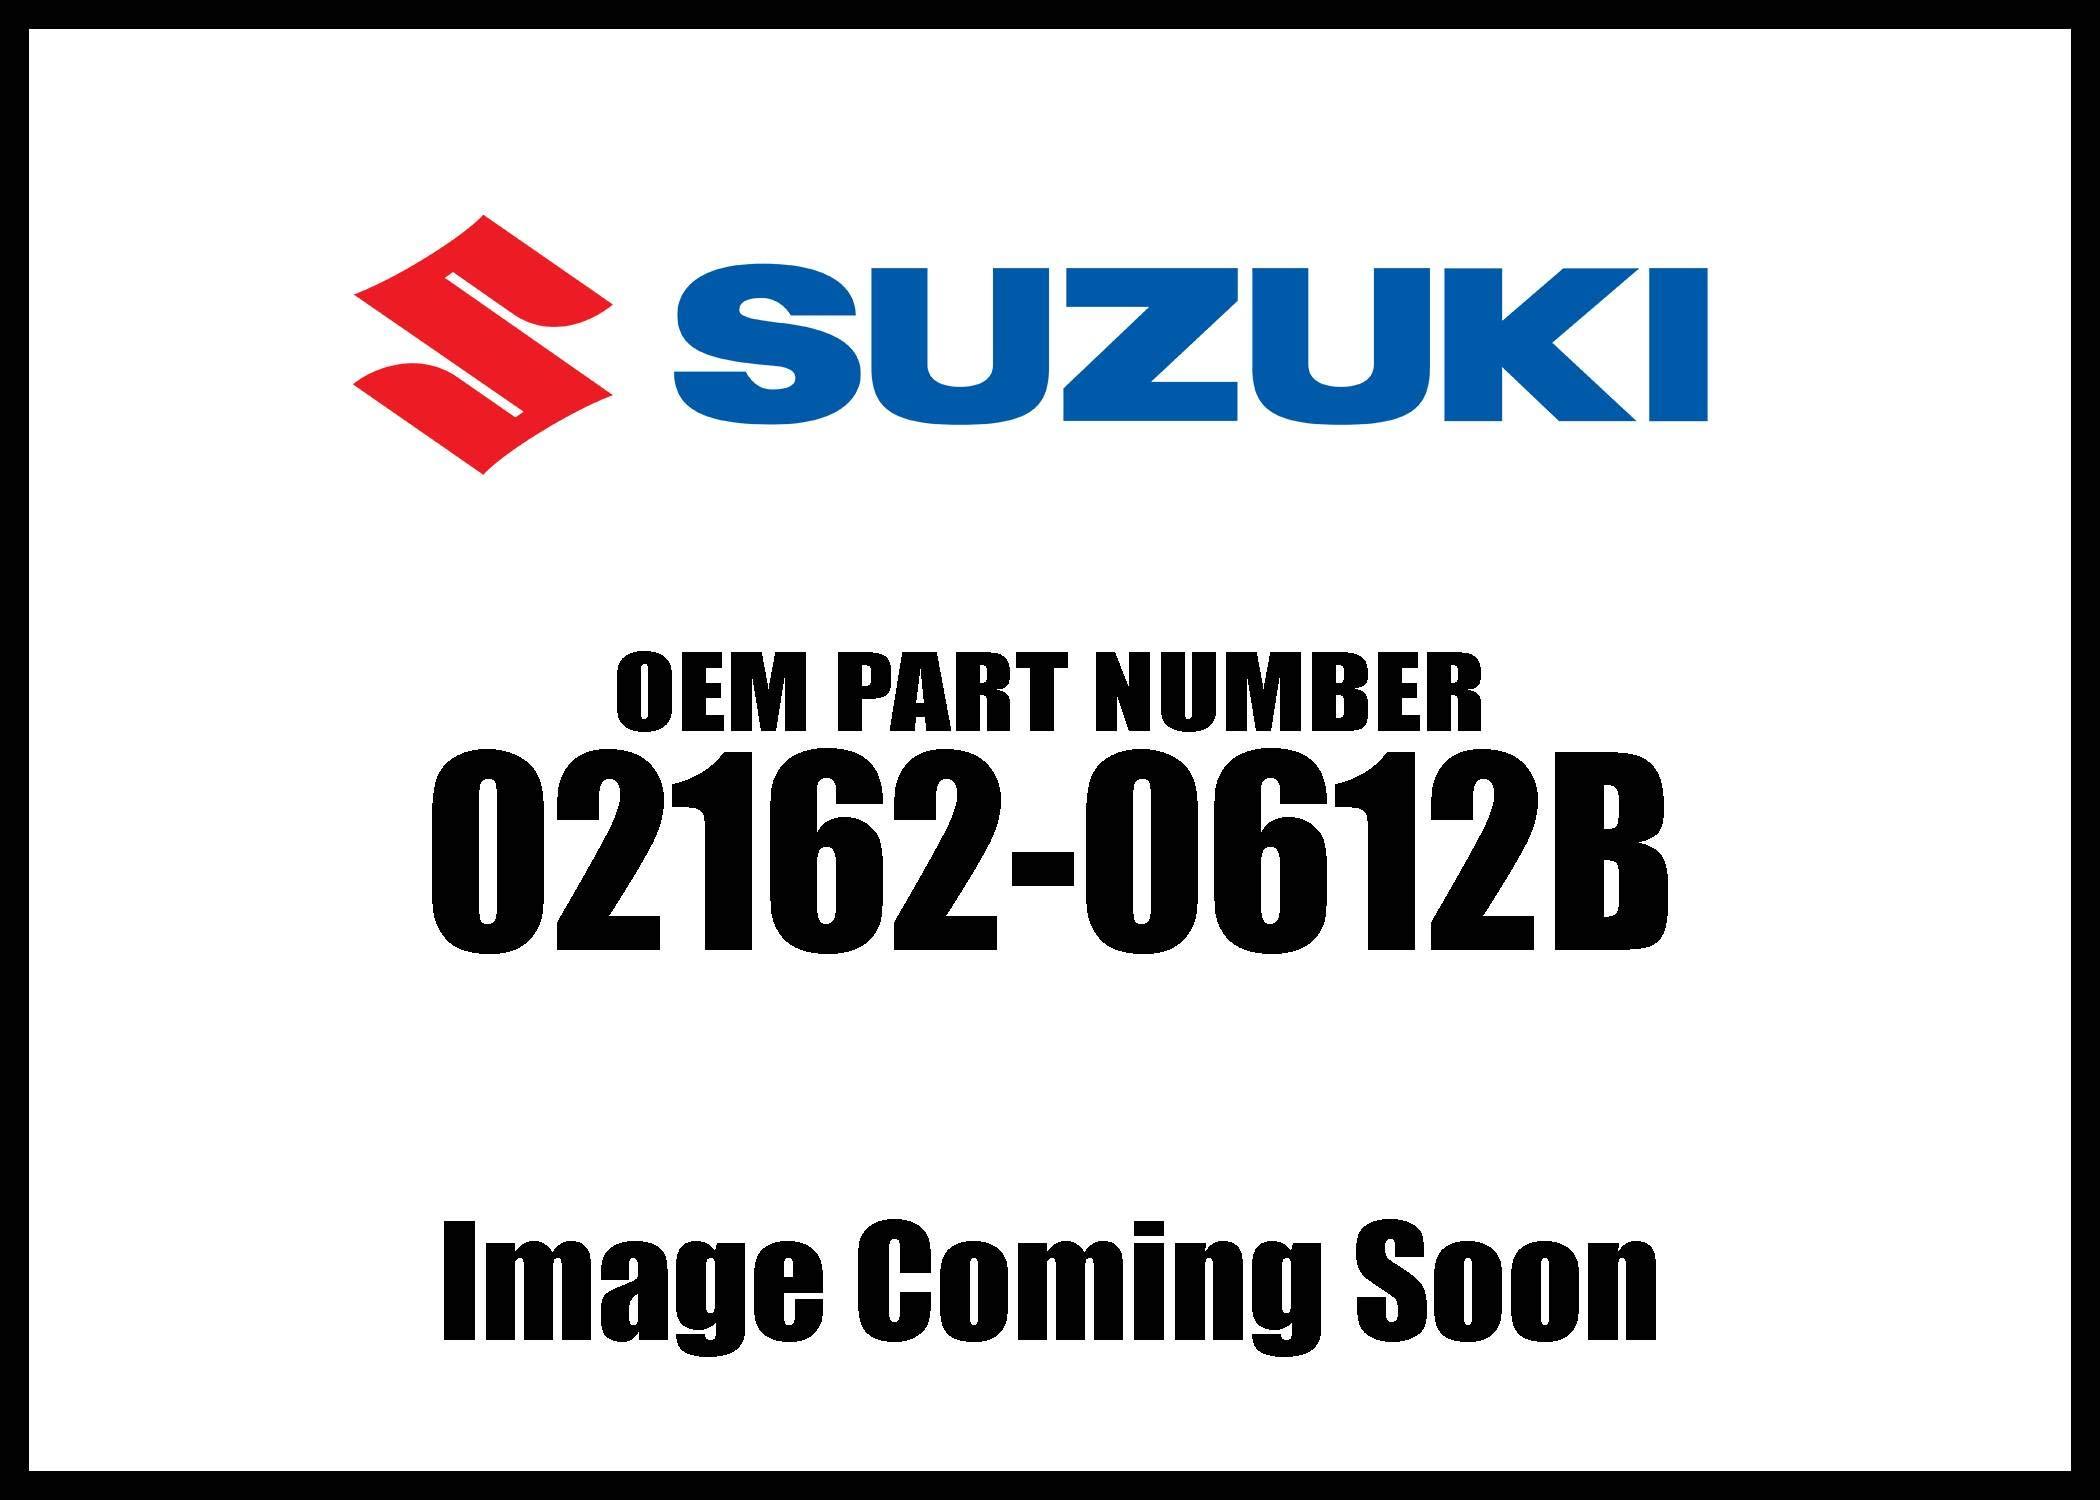 Suzuki Screw 02162-0612B New Oem